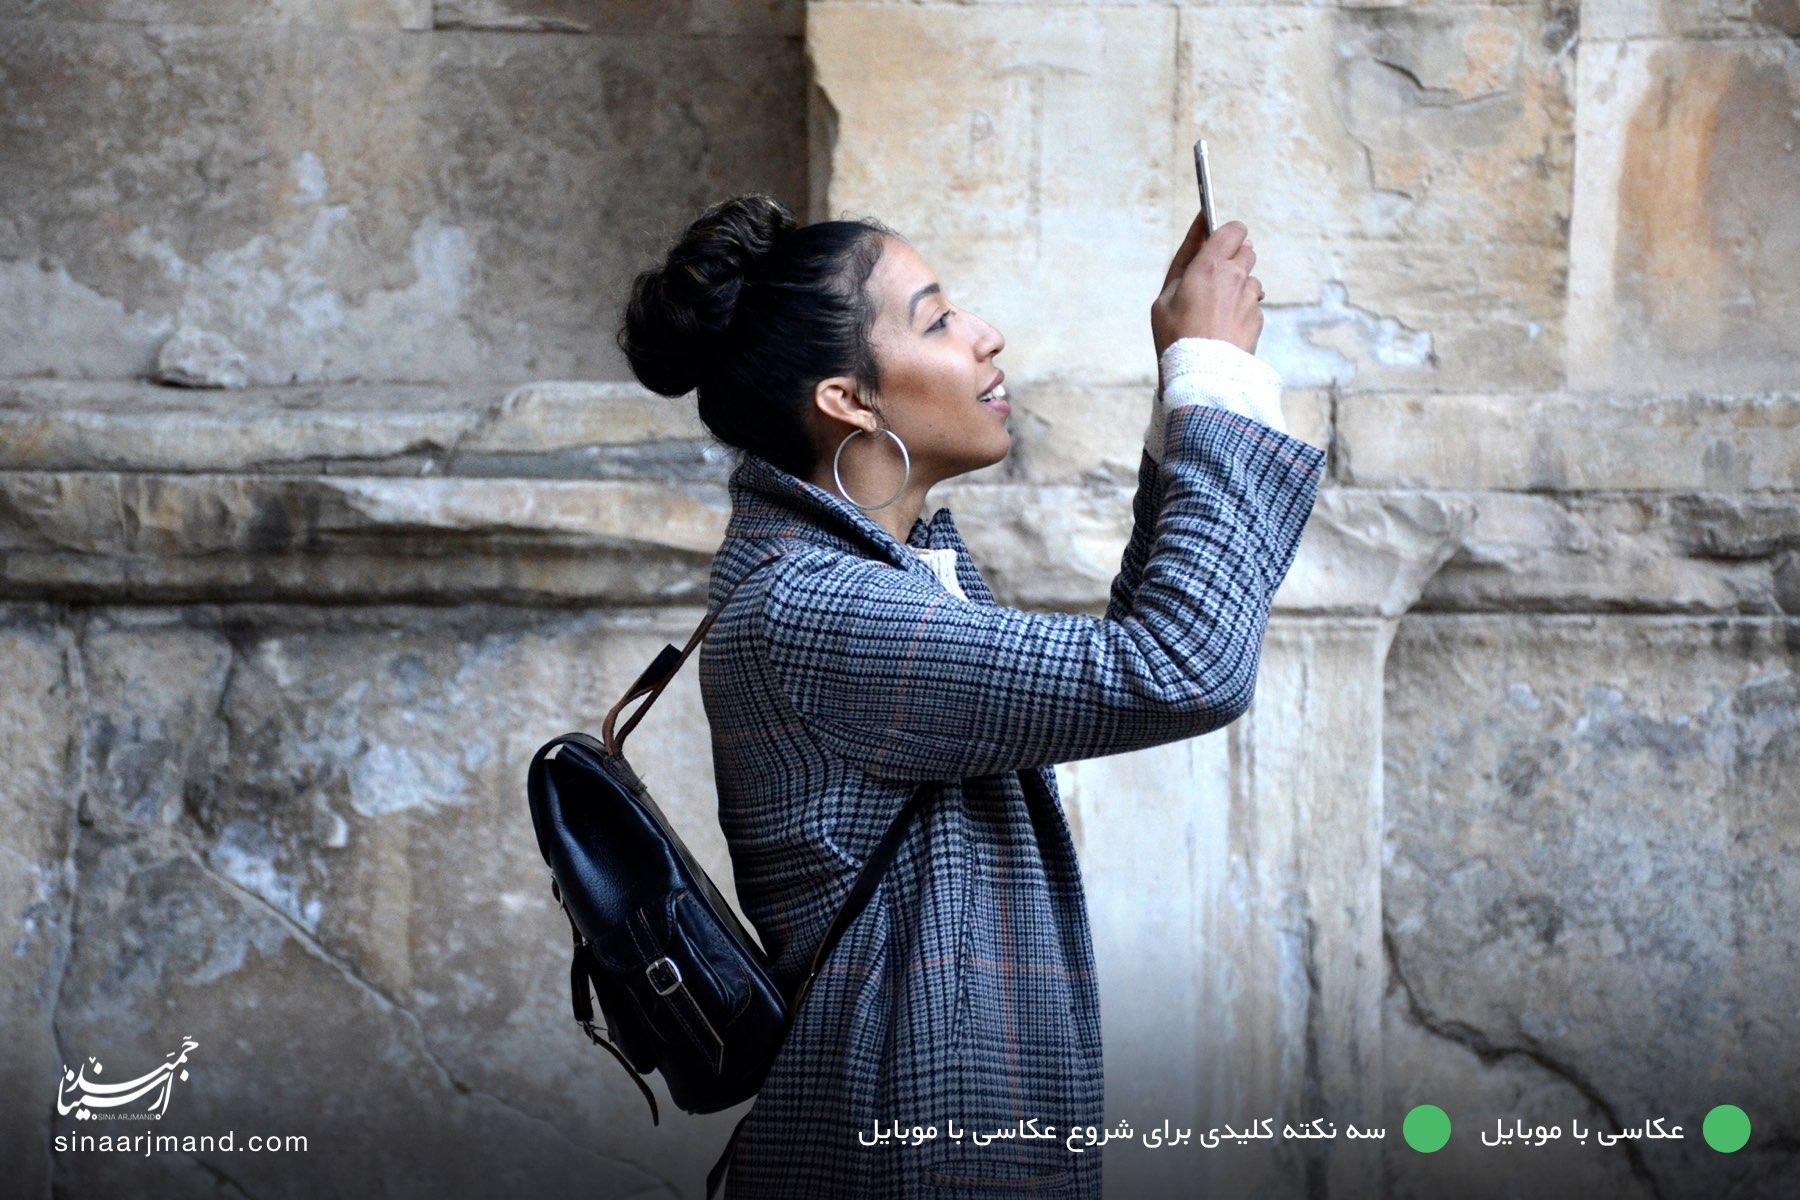 سه نکته کلیدی برای شروع عکاسی با موبایل